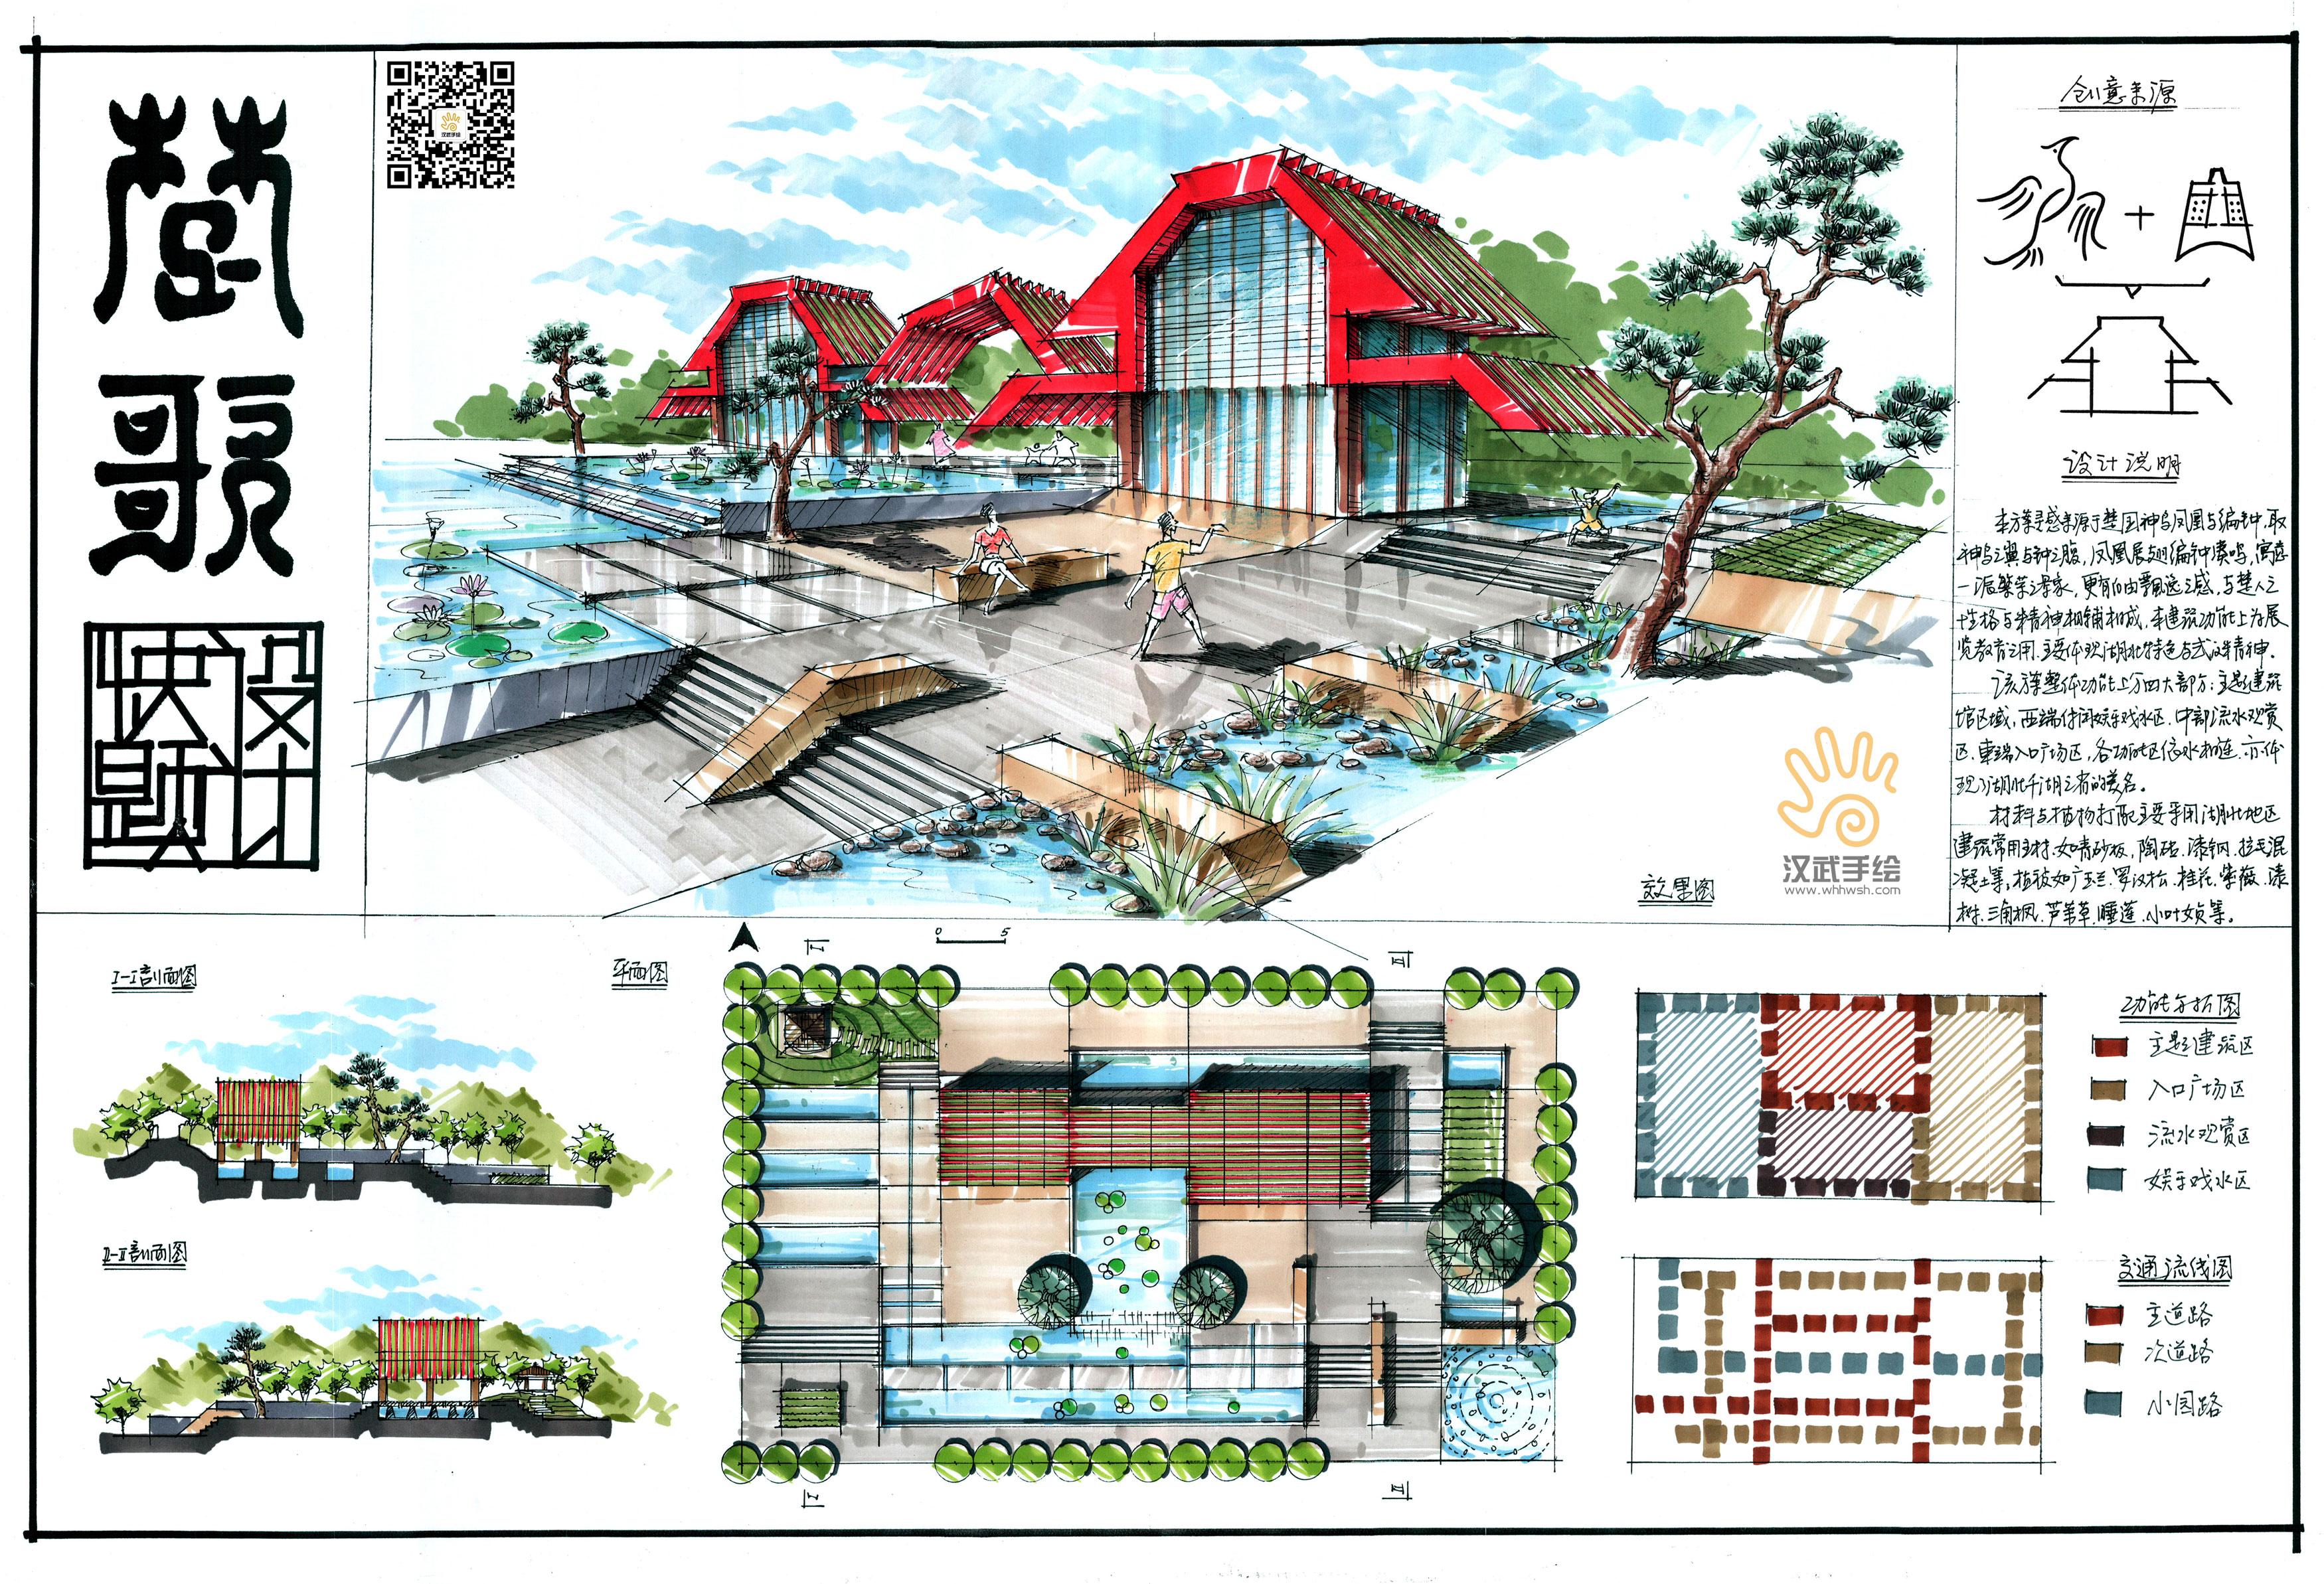 景观建筑手绘快题模版发布|空间|建筑设计|汉武手绘